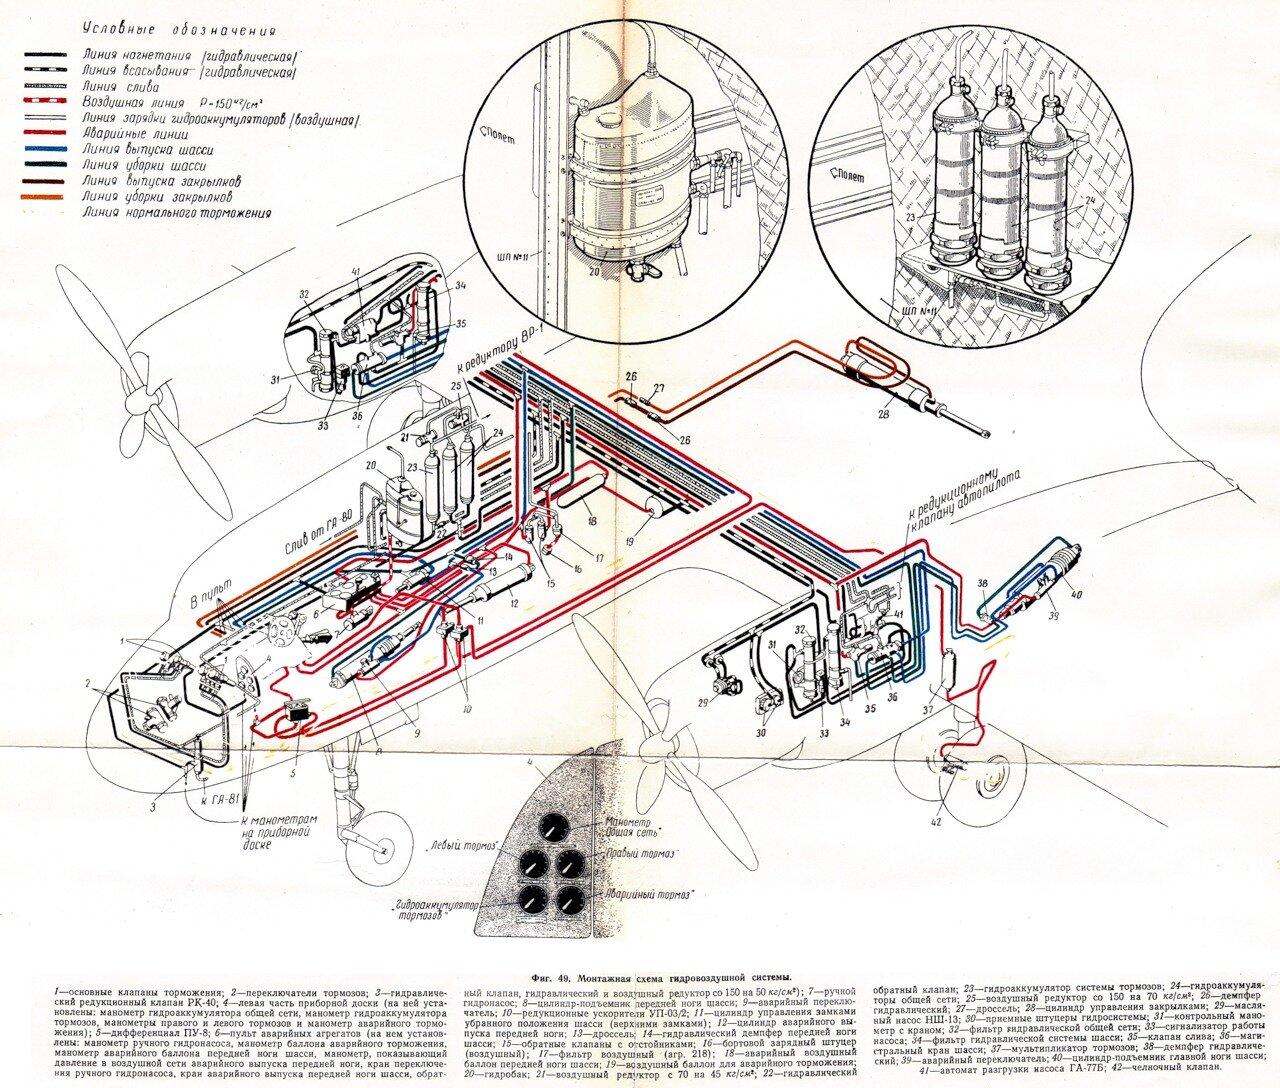 монтажная схема гидровоздушной системы Ил-14